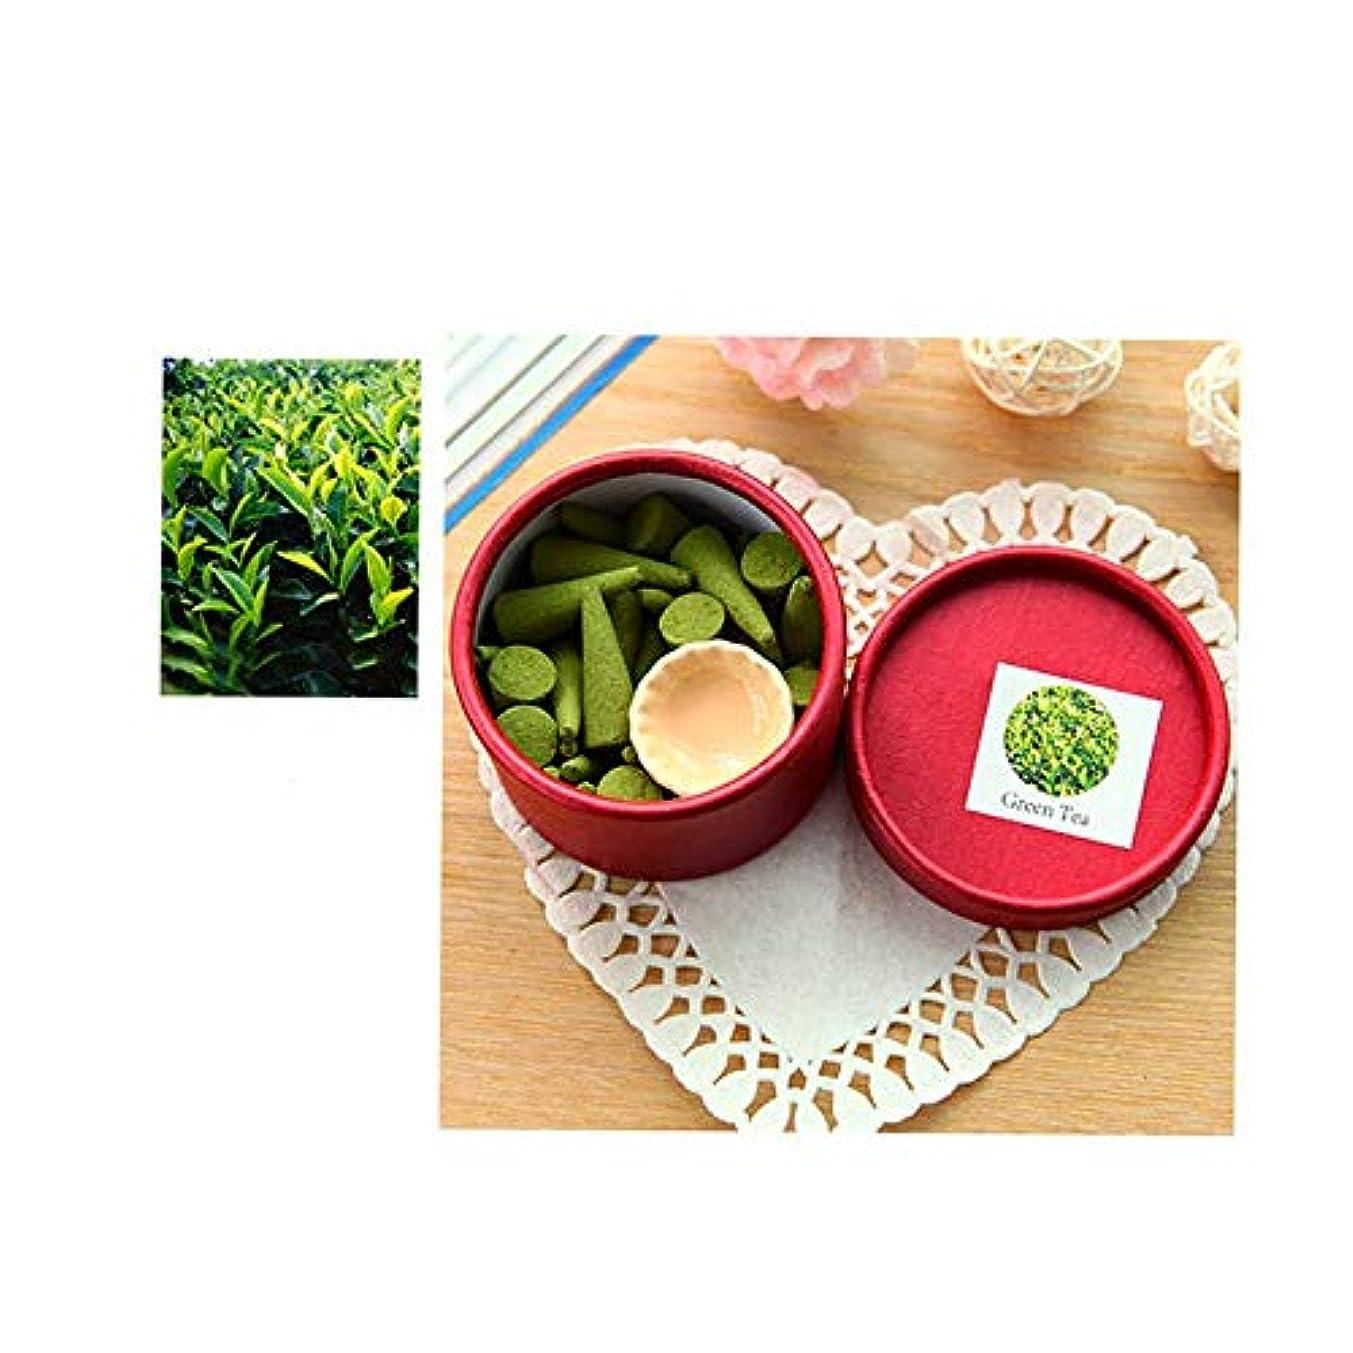 思い出拒否ジョブ普段使いのコーン型パゴダ香茶アロマ家庭用品日常用品ファミリー身近な品